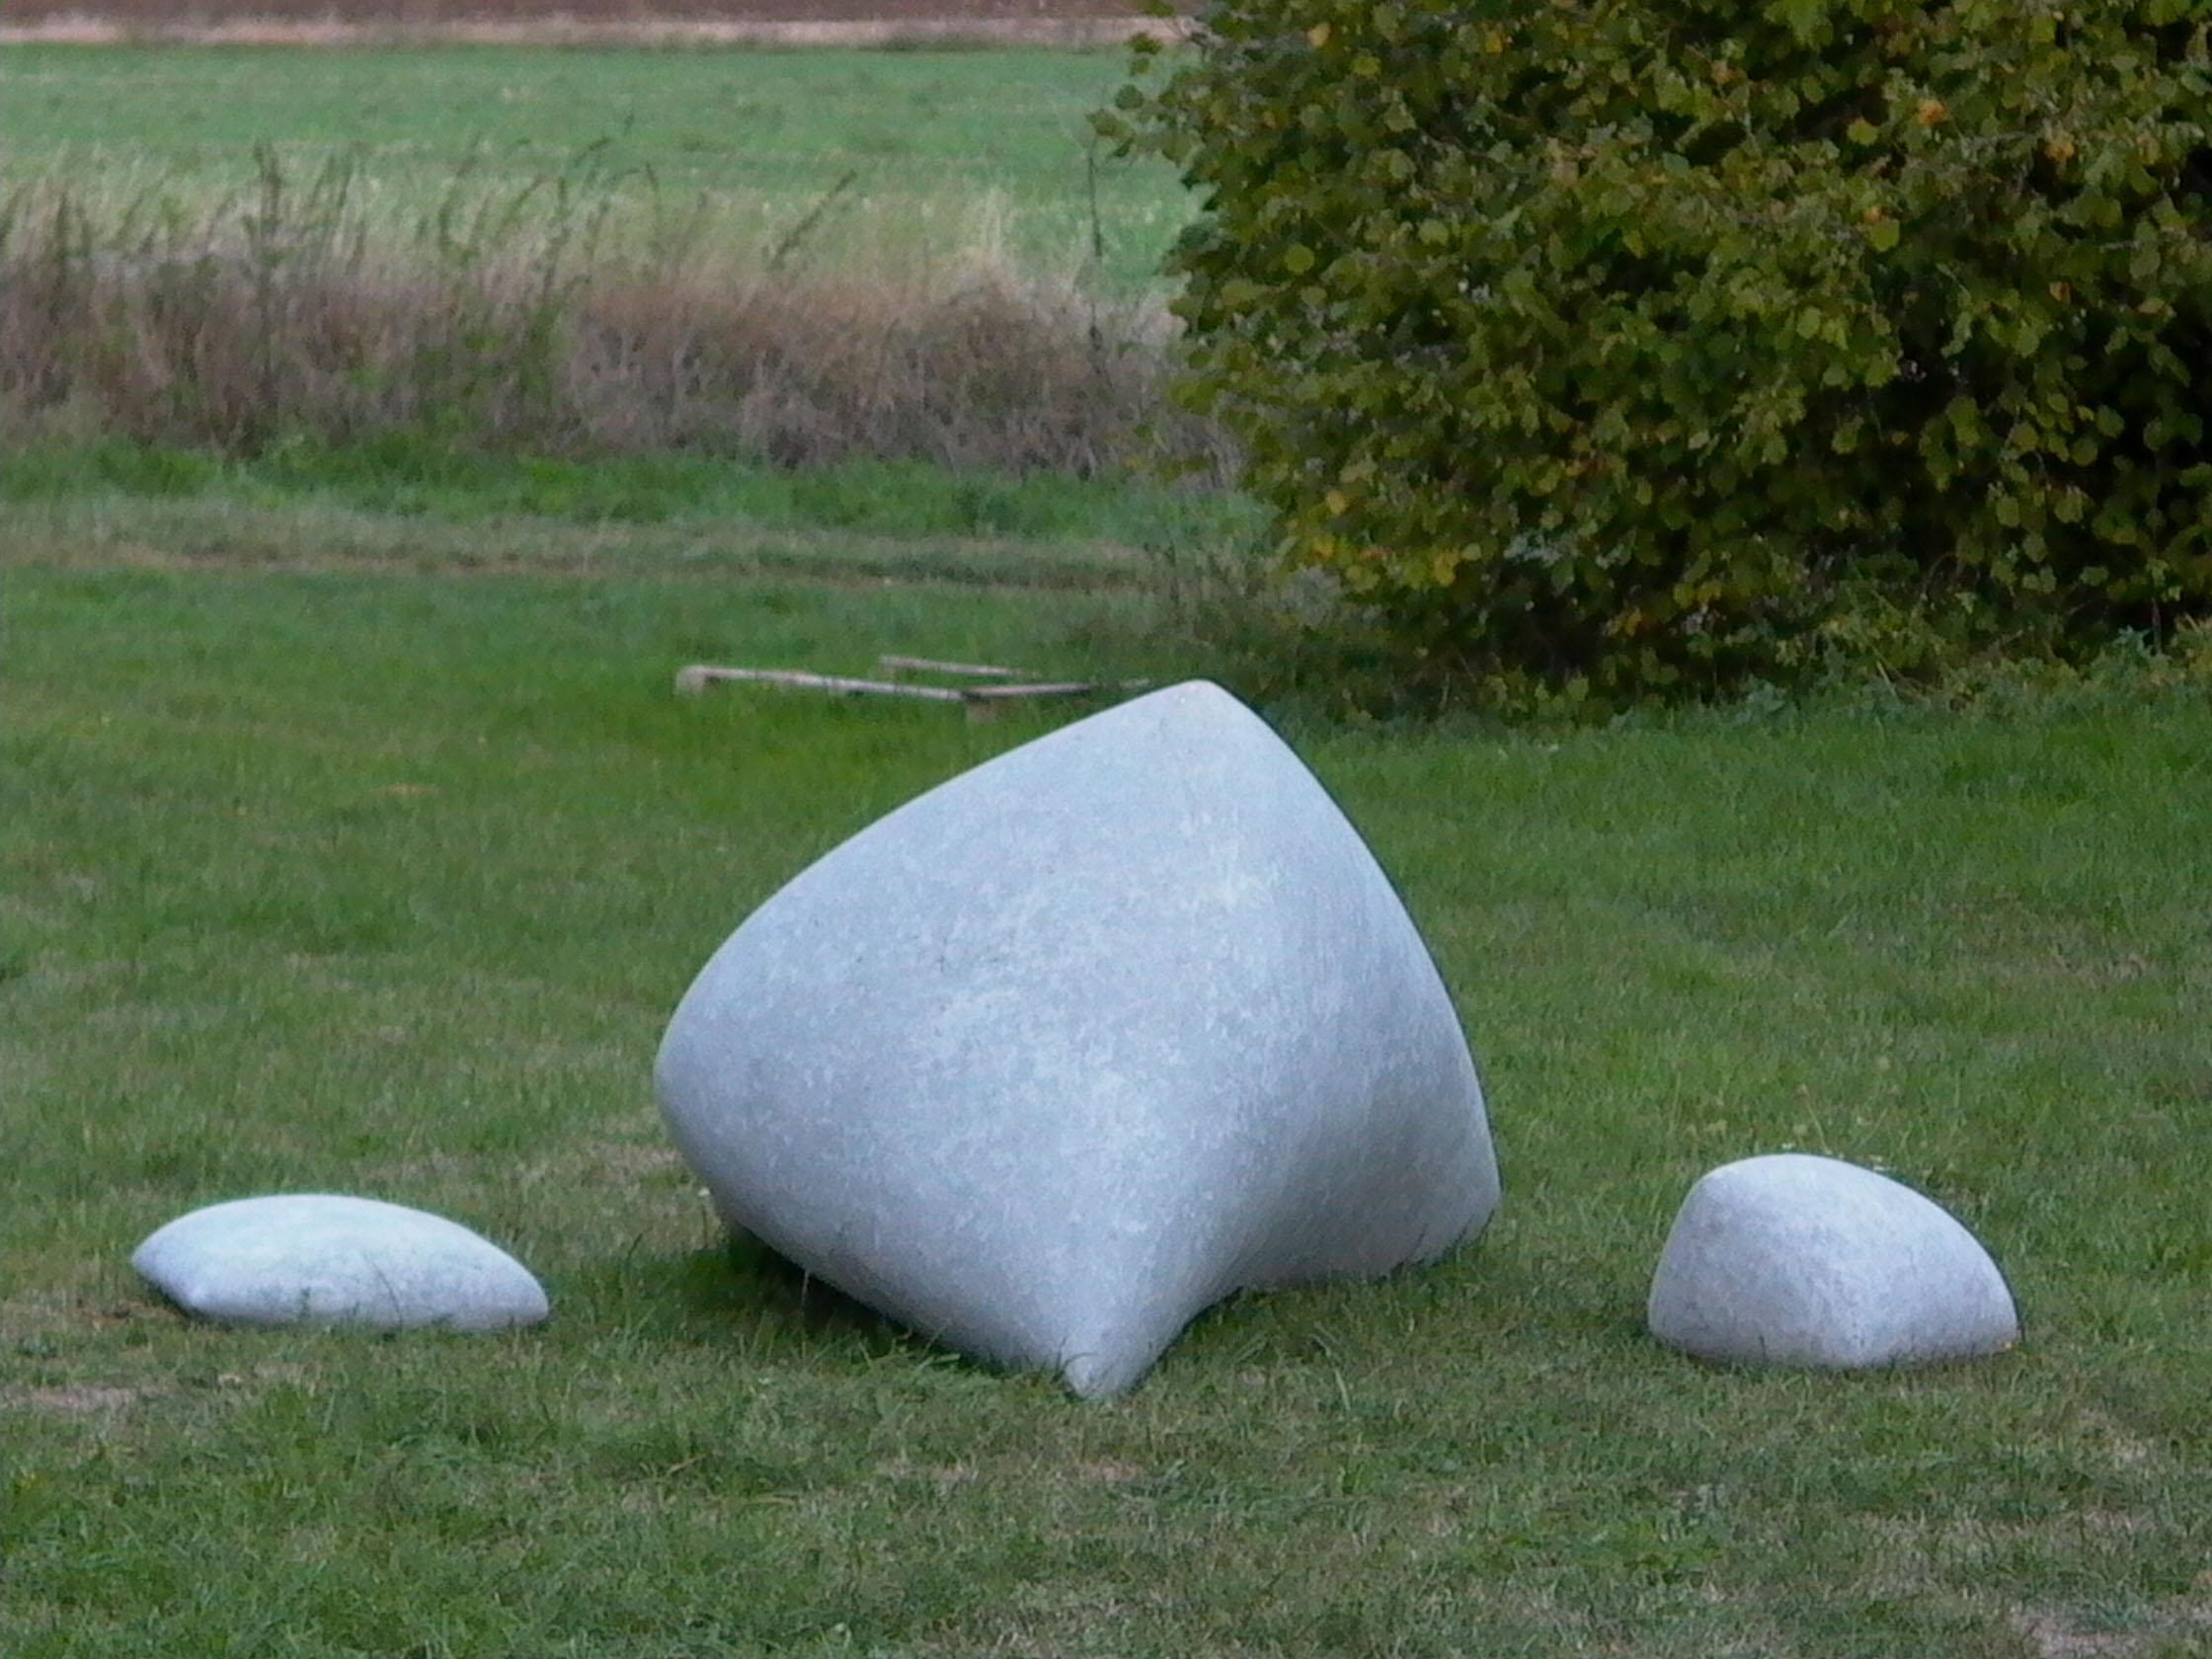 Cement . 1999. Trois éléments. Dimensions: 90 x 195 x 110 cm, 35 x 30 x 45 cm & 15 x 45 x 50 cm